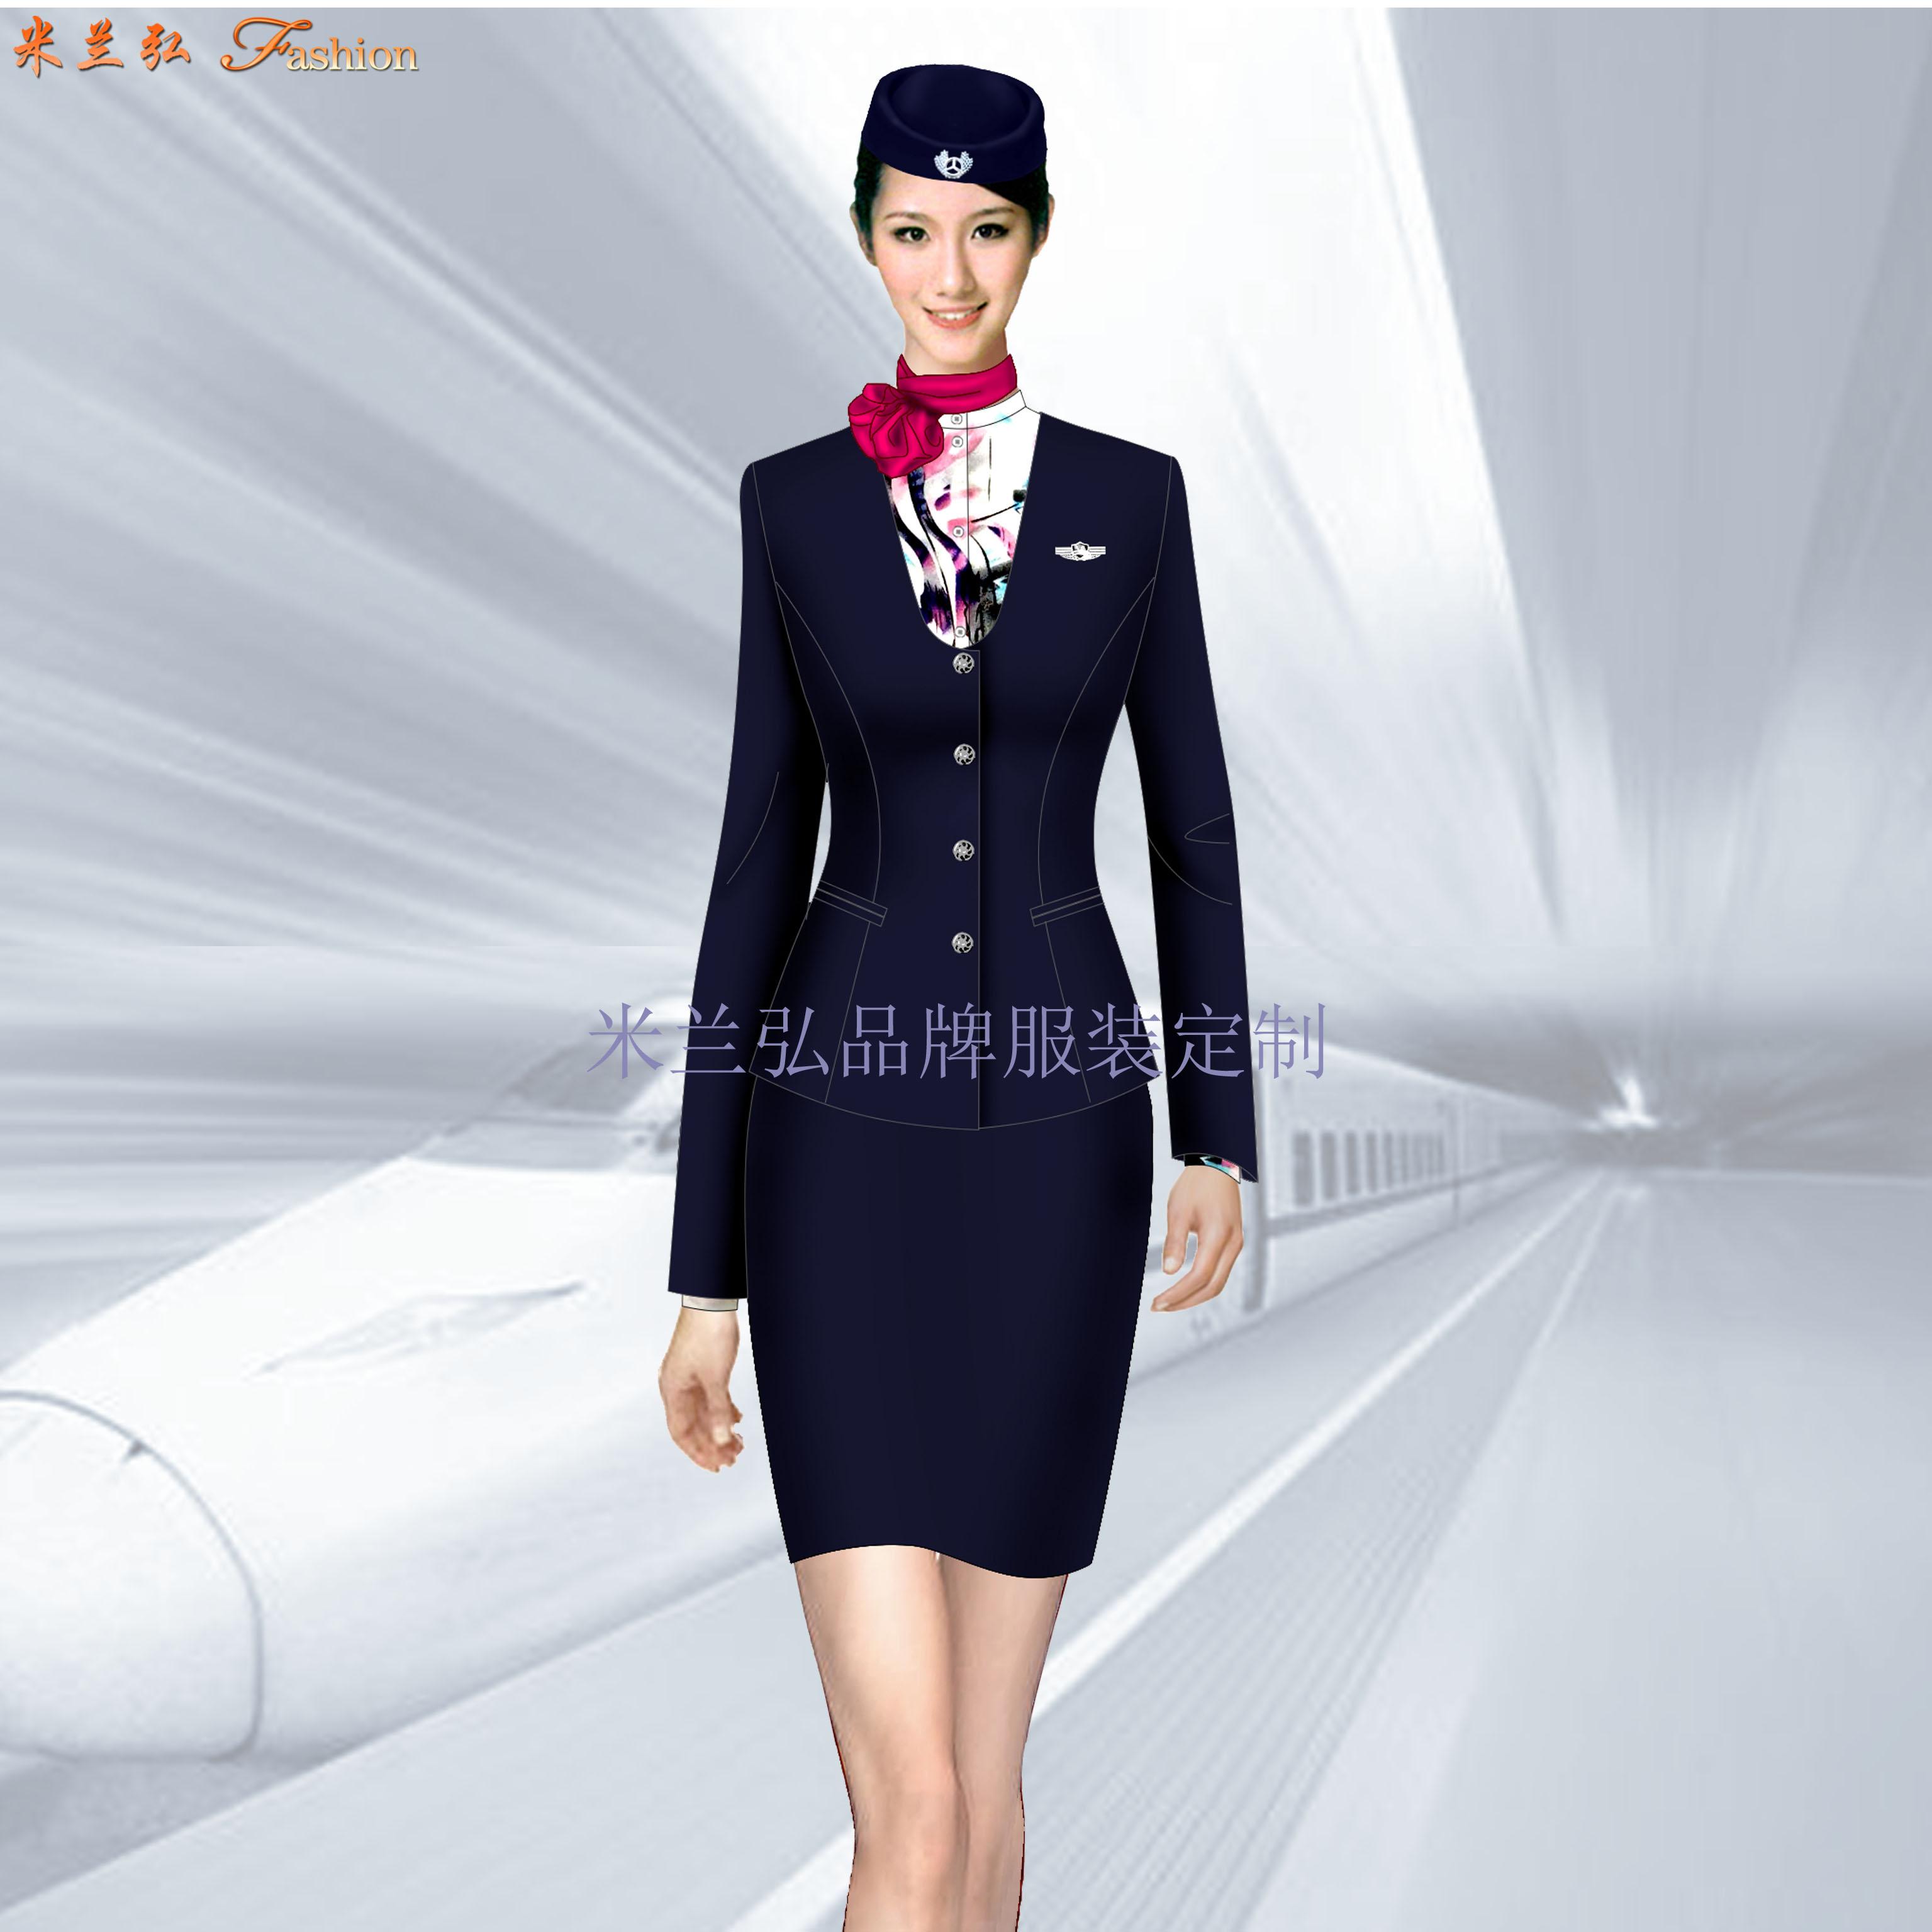 訂做訂制空姐服_定做定制空姐服-米蘭弘服裝廠家-3